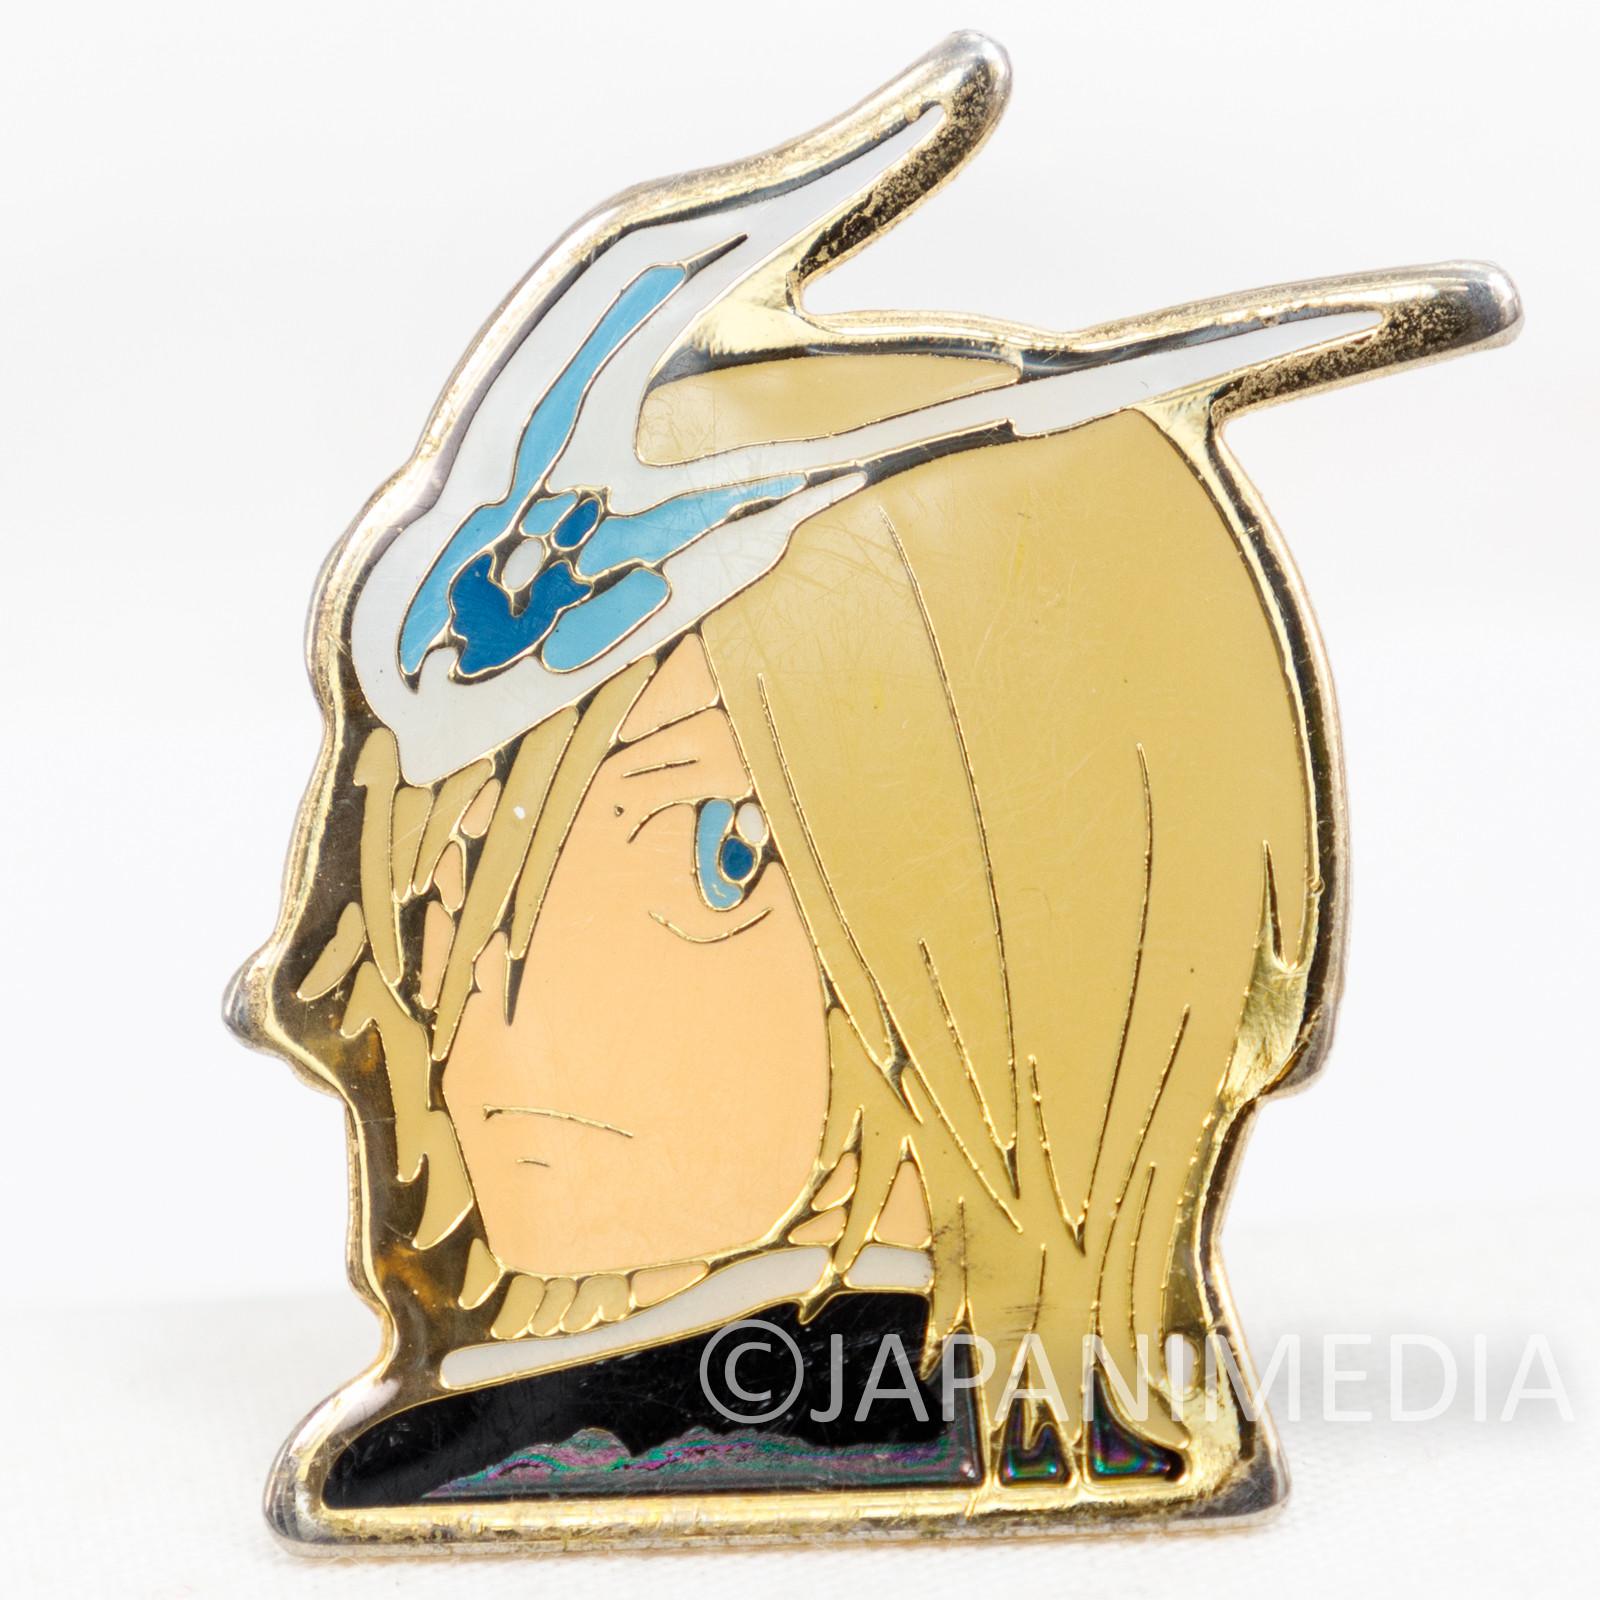 Katekyo Hitman REBORN! Basil Basilicum Metal Pins JAPAN ANIME WEEKLY JUMP 2